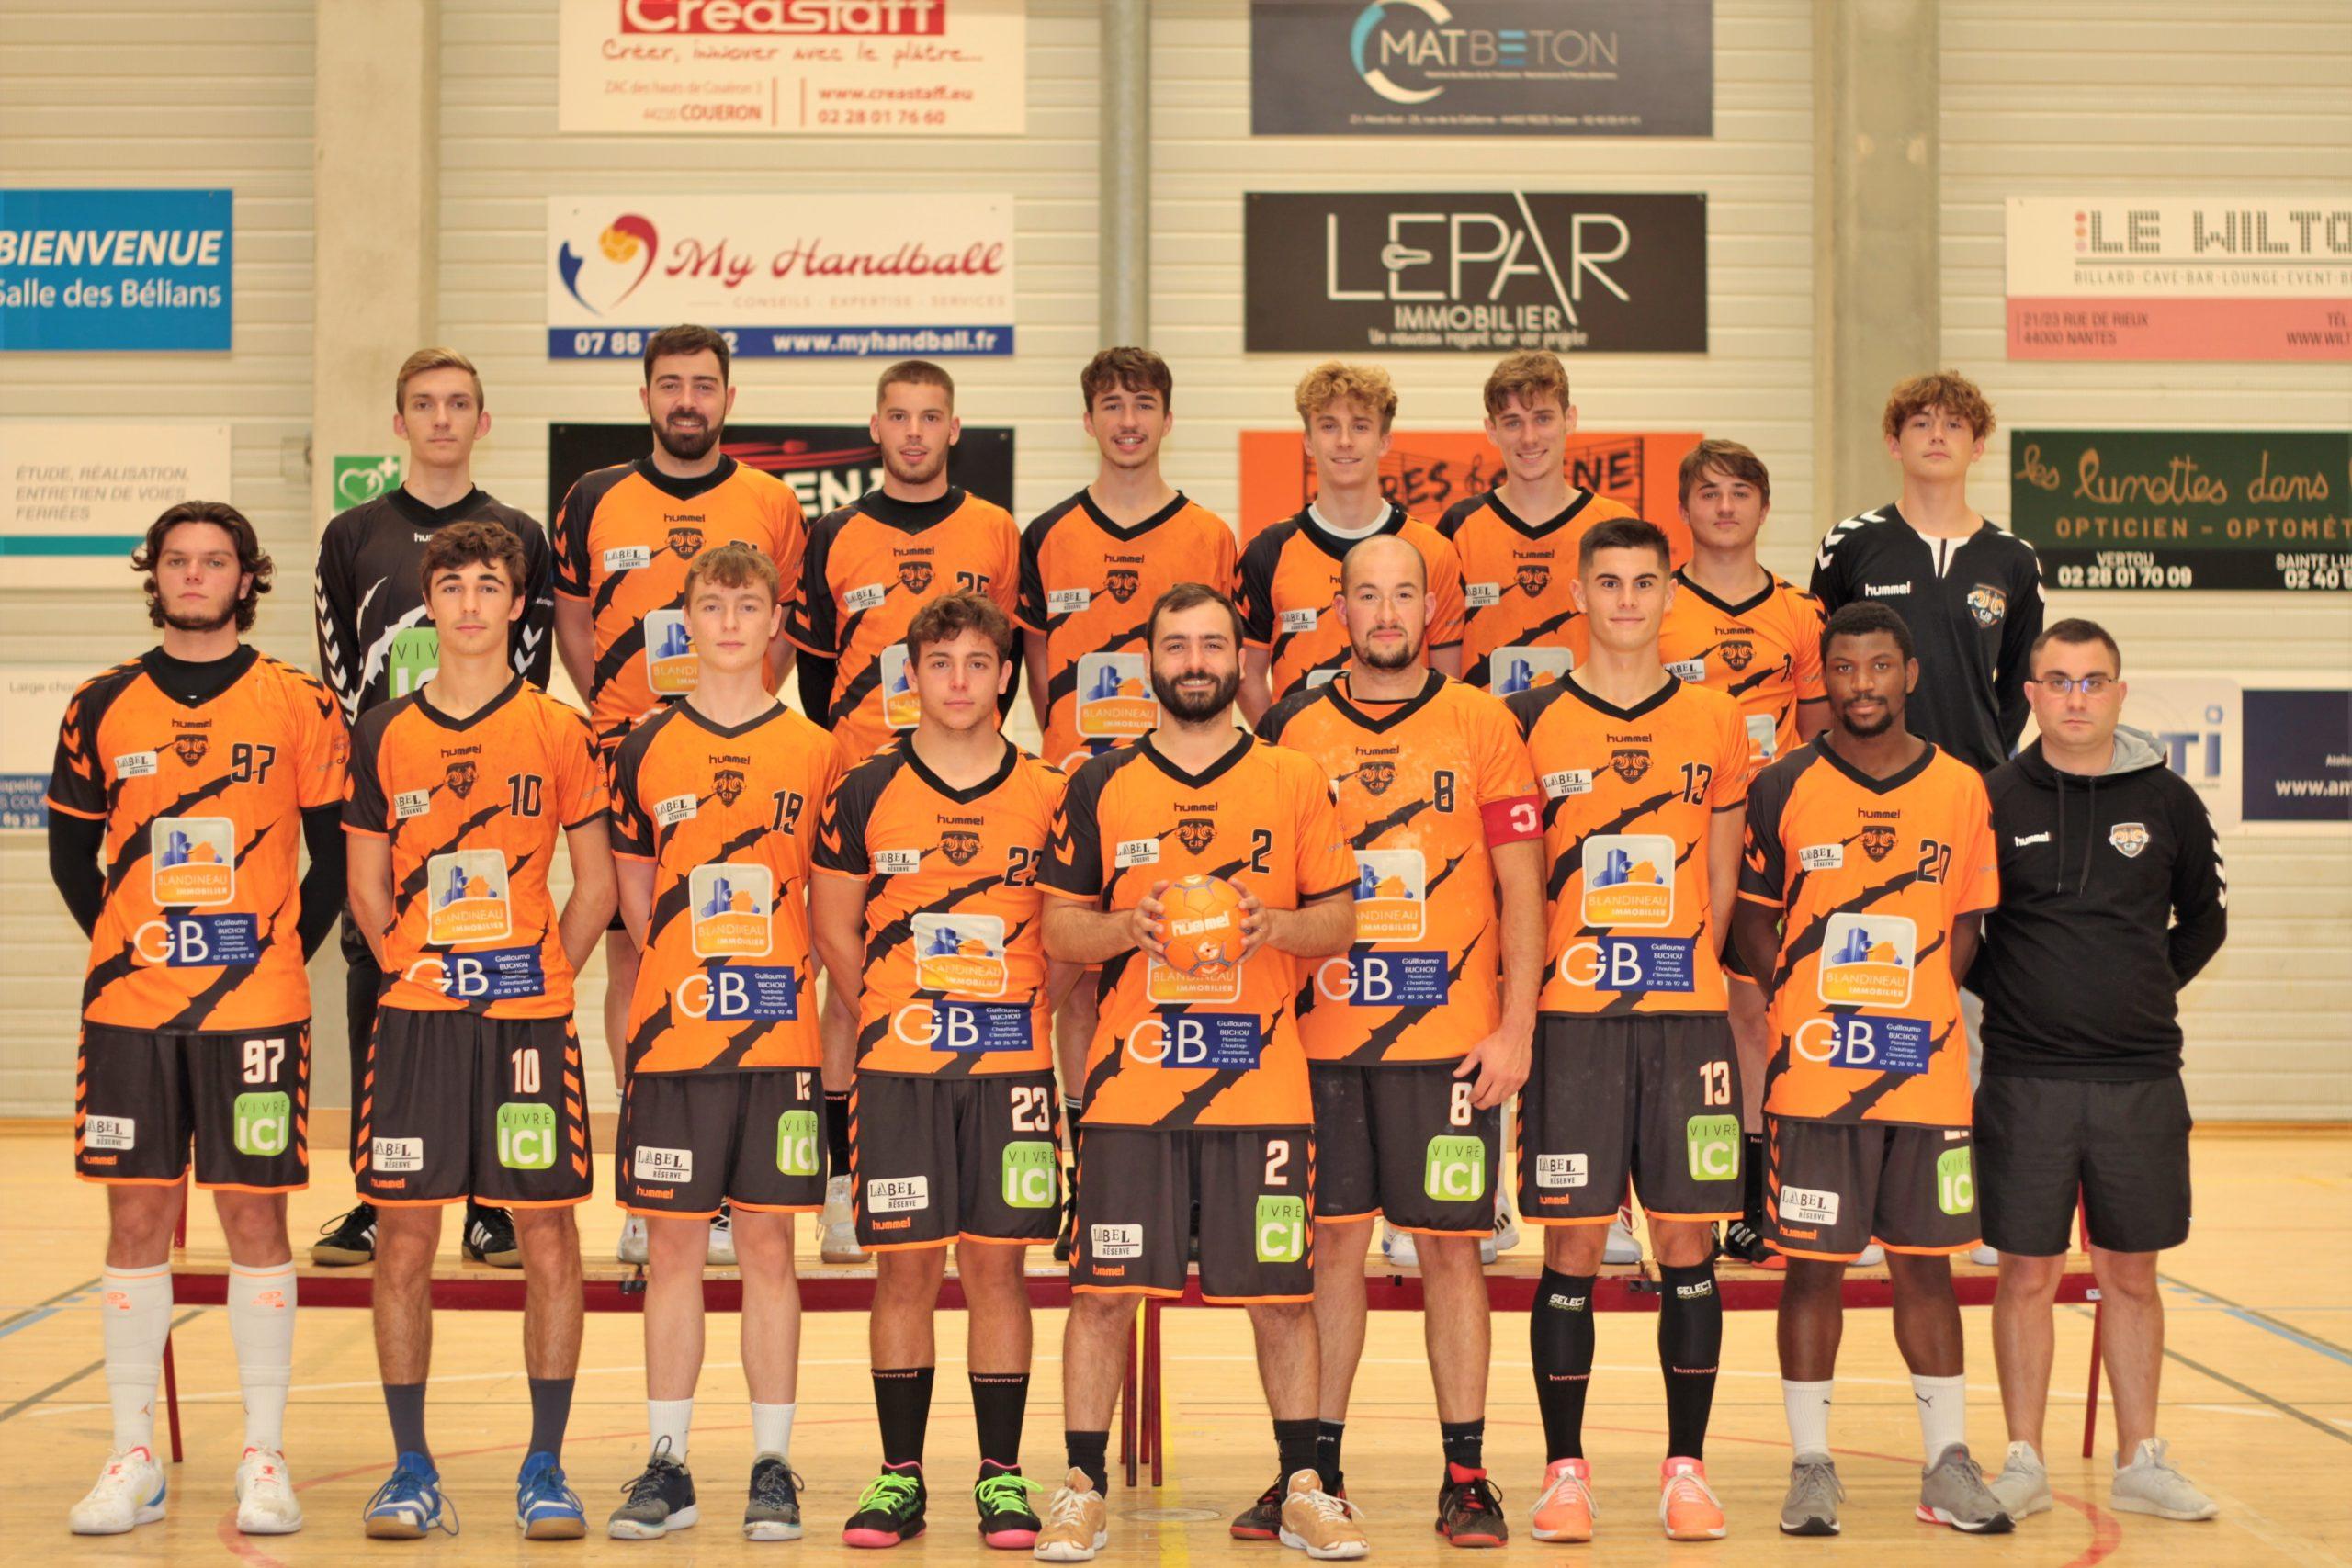 Excellence région cjb handball bouguenais nantes